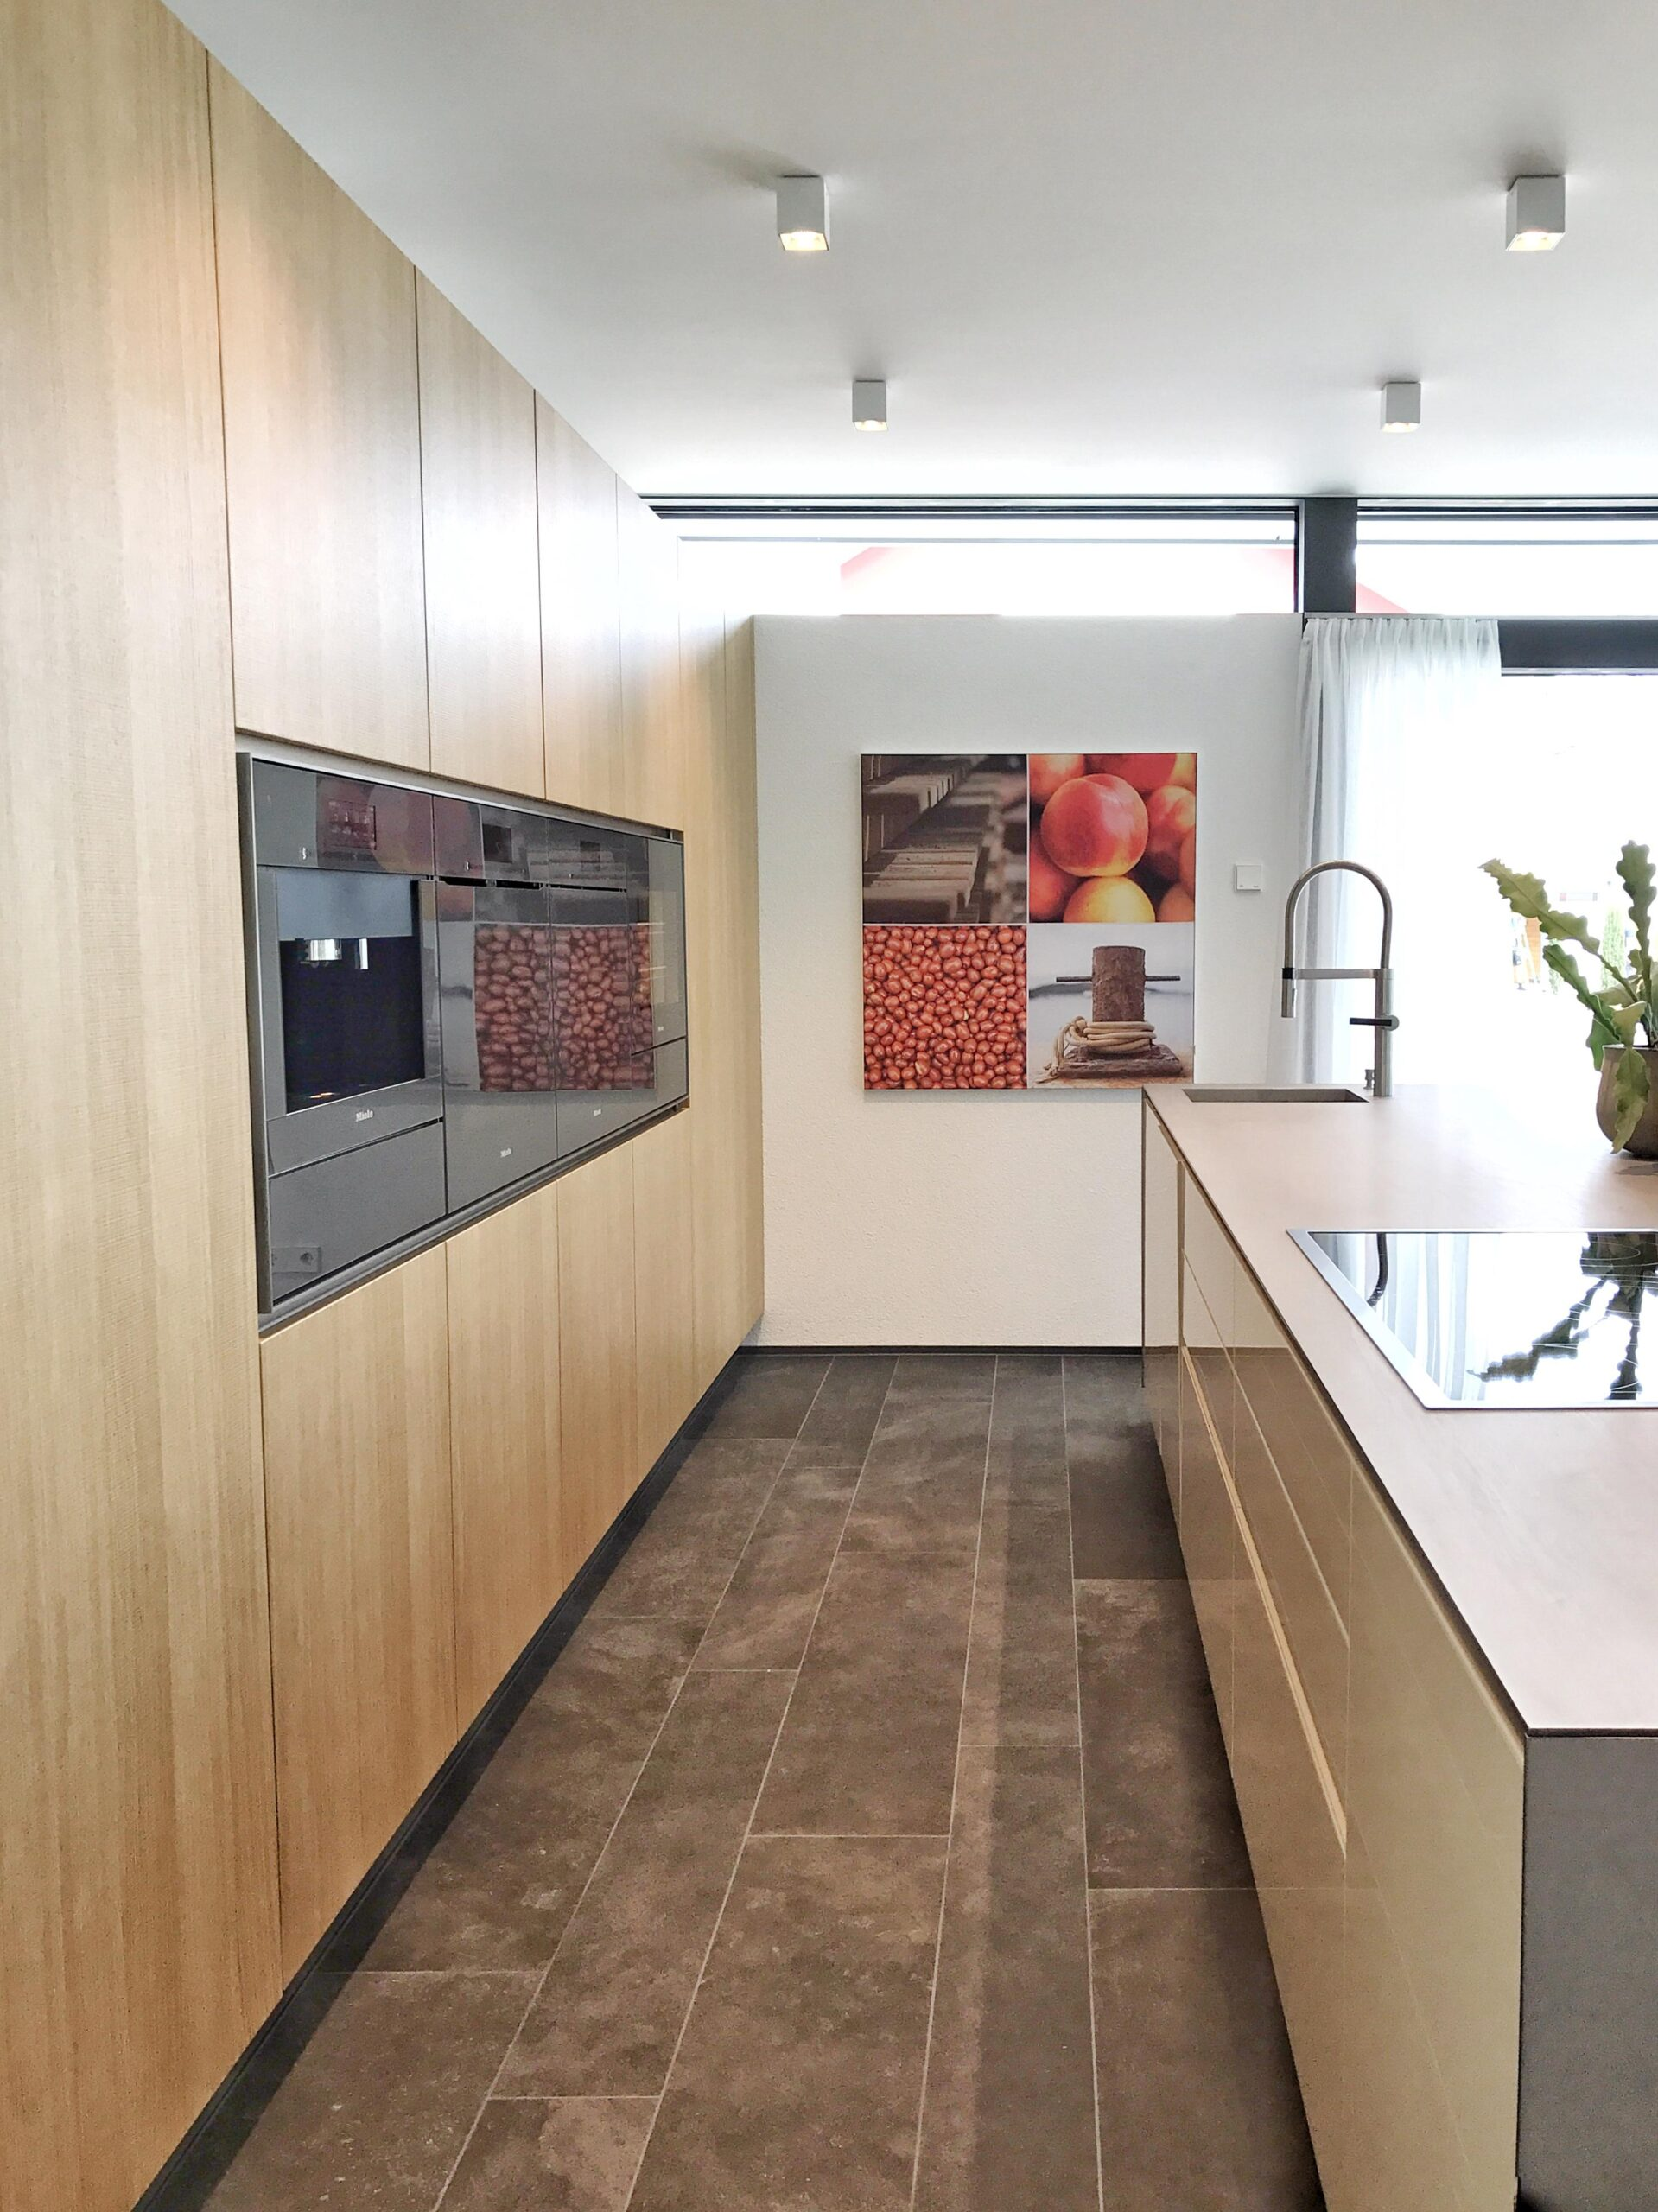 Full Size of Küche Boden Kchenboden Bilder Ideen Couch Essplatz Scheibengardinen Büroküche Mit Tresen Eckbank Vorhänge Ikea Kosten Led Beleuchtung Moderne Wohnzimmer Küche Boden